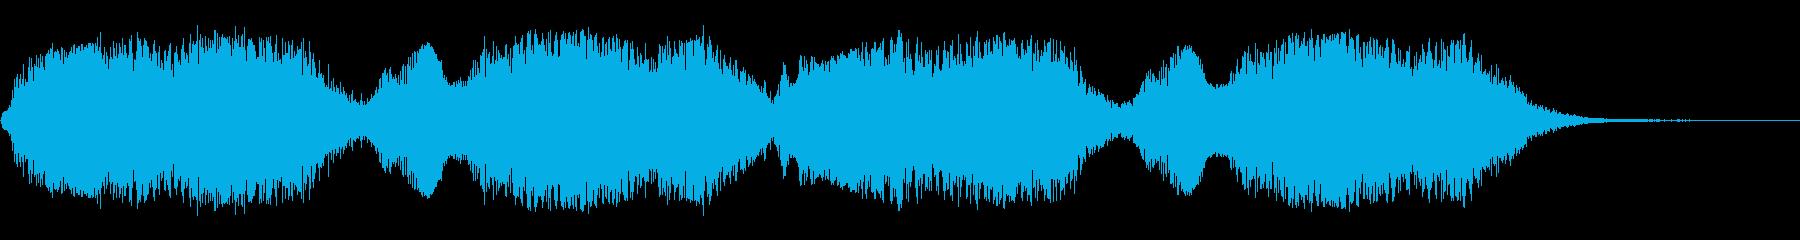 ジュワ〜ン(暗雲、どよめく、異様、魔界)の再生済みの波形